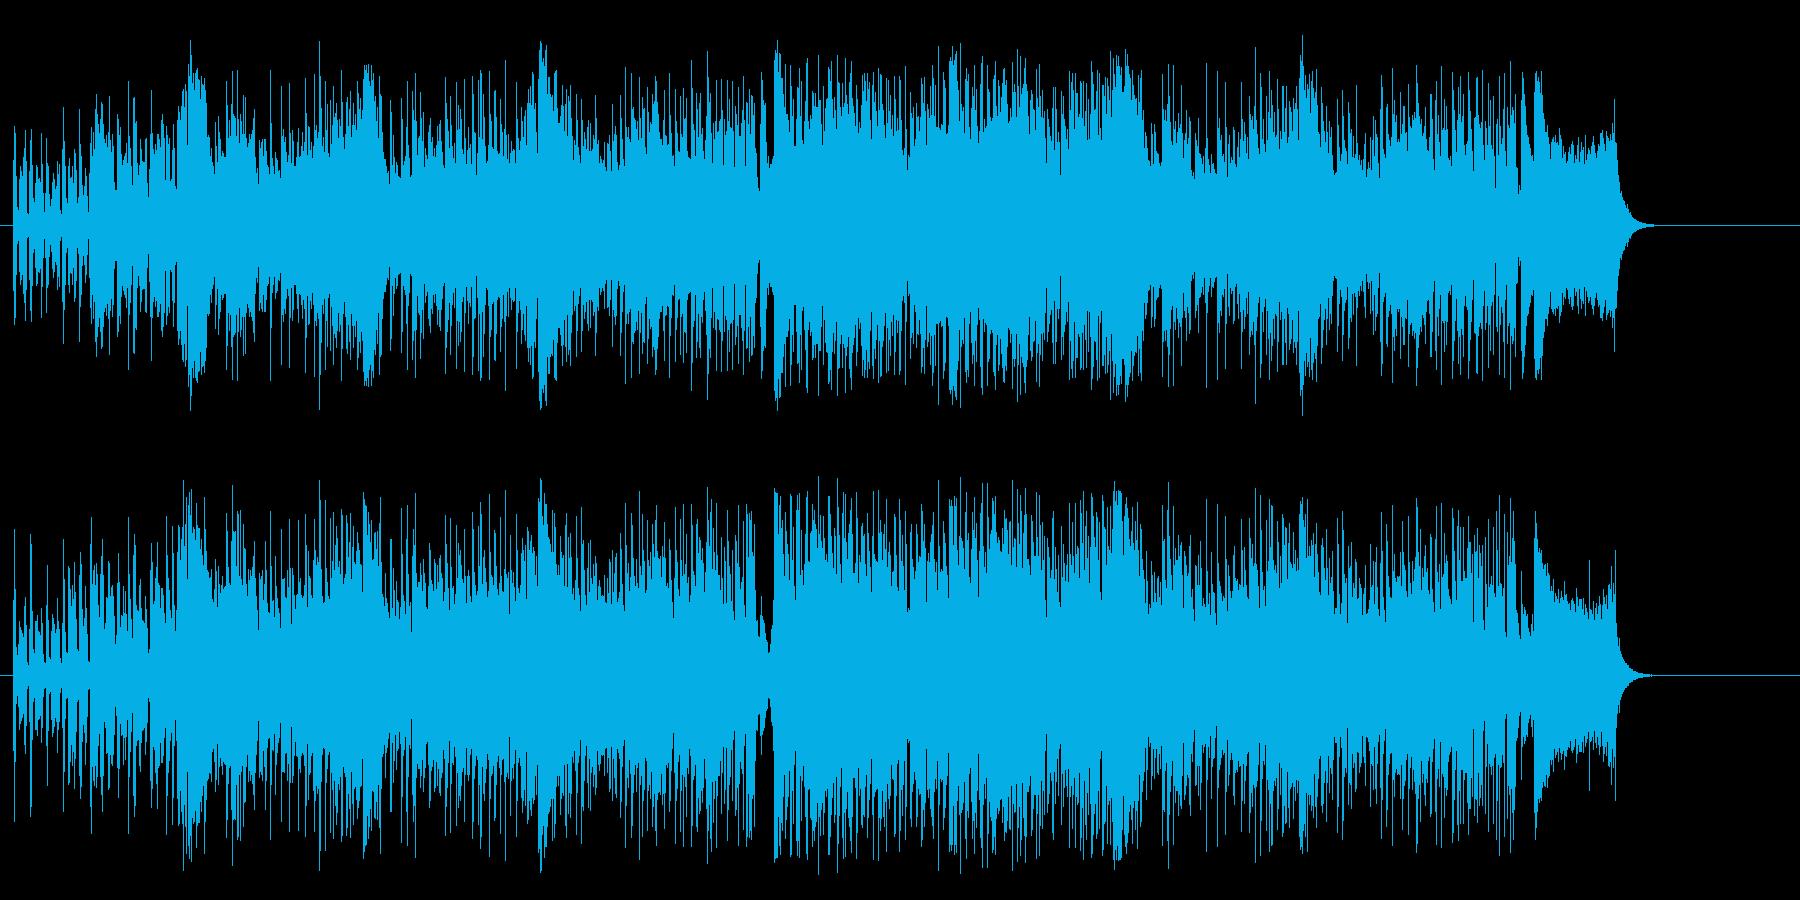 追跡劇風のスリル感溢れるテクノ/ファンクの再生済みの波形